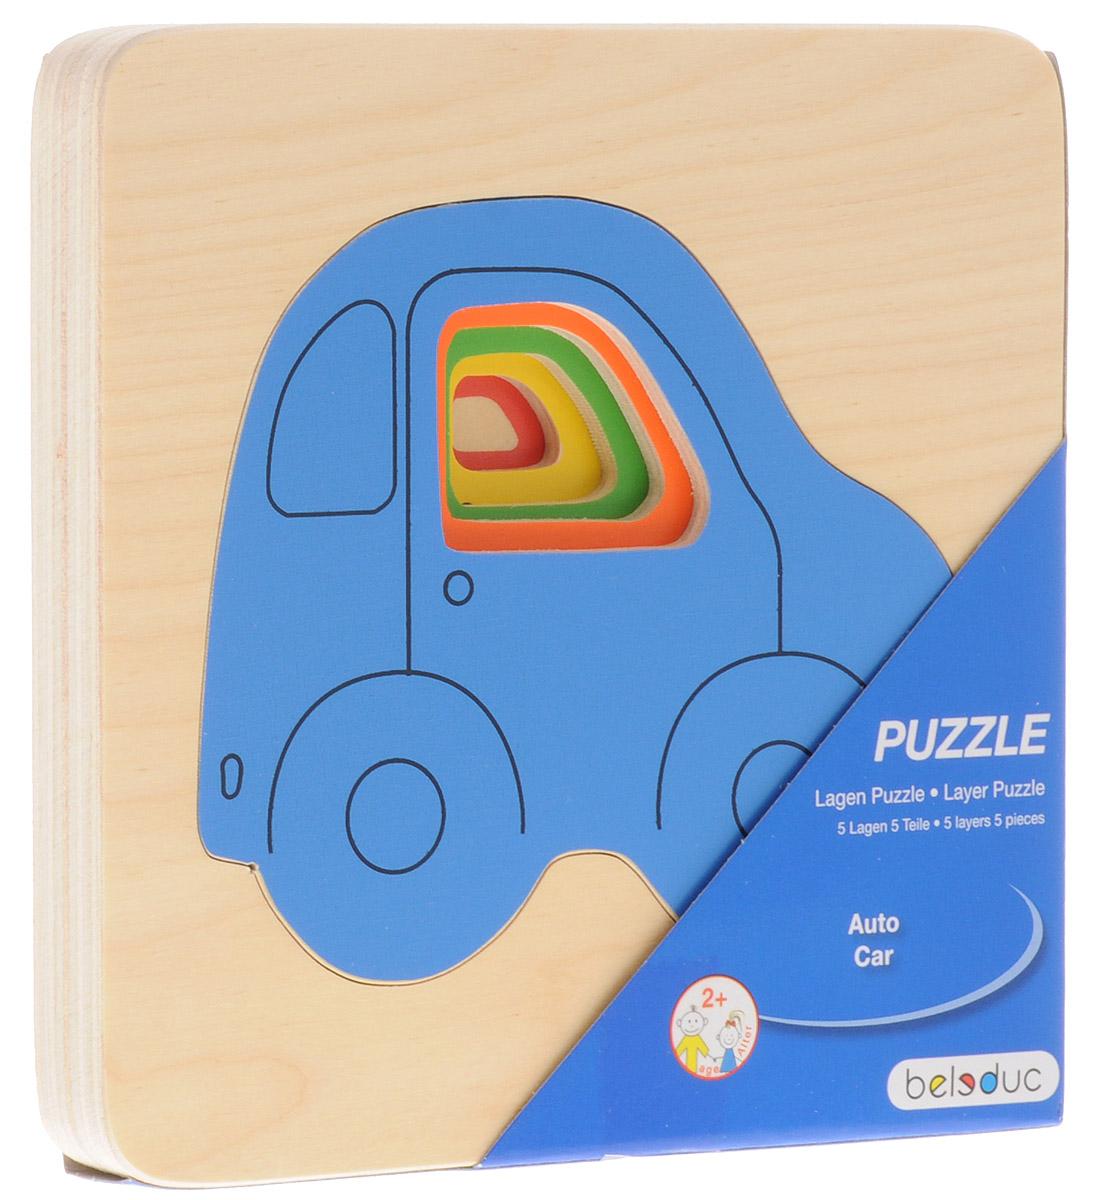 Beleduc Пазл для малышей Машинки10142Пазл для малышей Beleduc Машинки состоит из 4 разноцветных машинок, отличающихся по размеру. У каждой машинки имеется свое место в рамке. Задача ребенка - сложить машинки по возрастанию. Игра способствует развитию логического мышления, произвольного внимания, учит различать предметы по цвету и размеру; развивает мелкую моторику рук. Проговаривая последовательность сборки пазла от малого к большому, ребенок через игру получает полное представление о цвете, форме, размере, объеме и фактуре. Собирание пазлов тренирует пространственное мышление, умение выстраивать логические цепочки, что важно в школьном и взрослом возрасте.